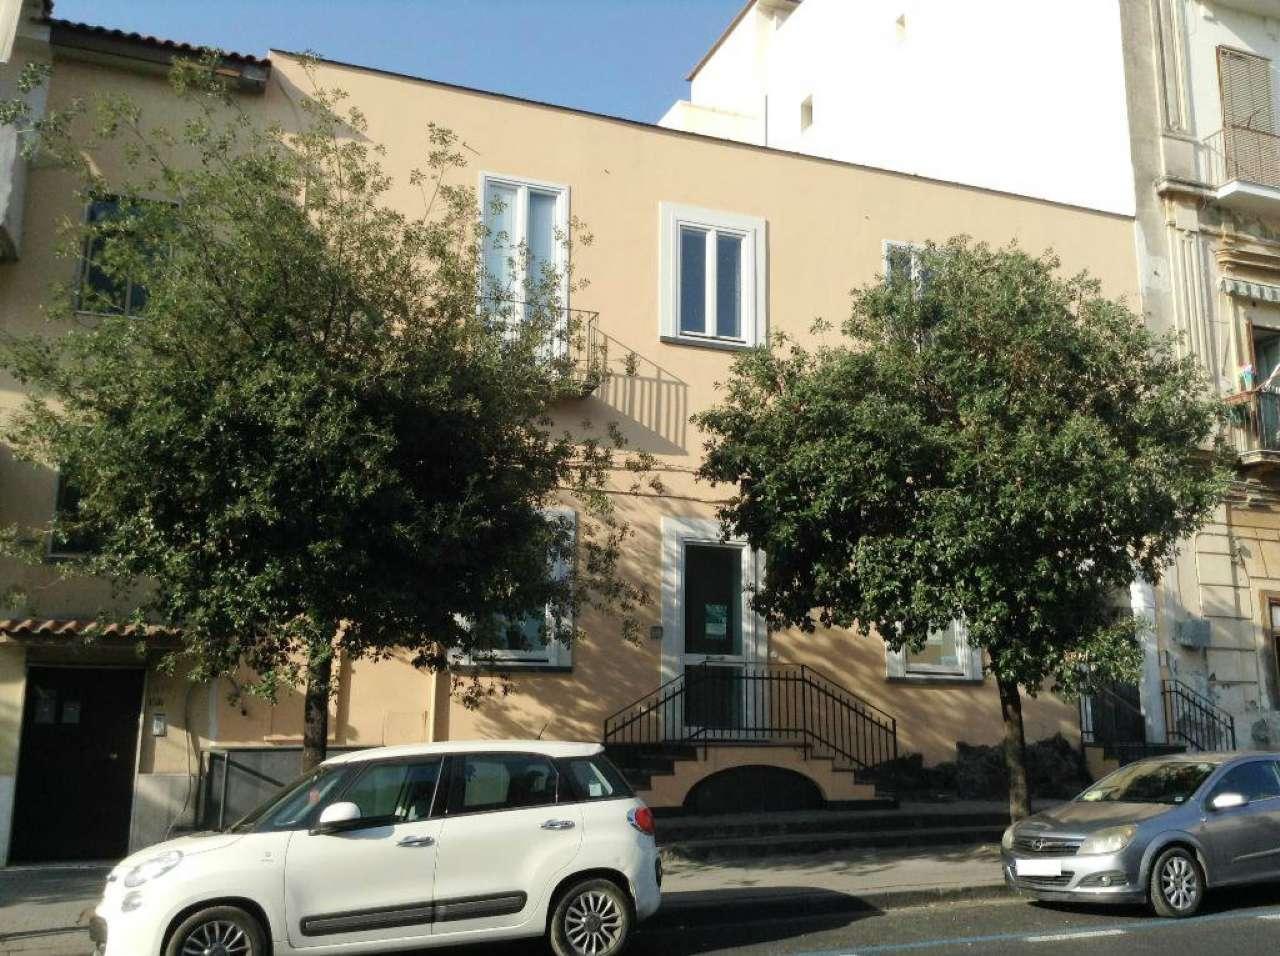 Ufficio / Studio in affitto a Torre del Greco, 1 locali, prezzo € 500 | Cambio Casa.it